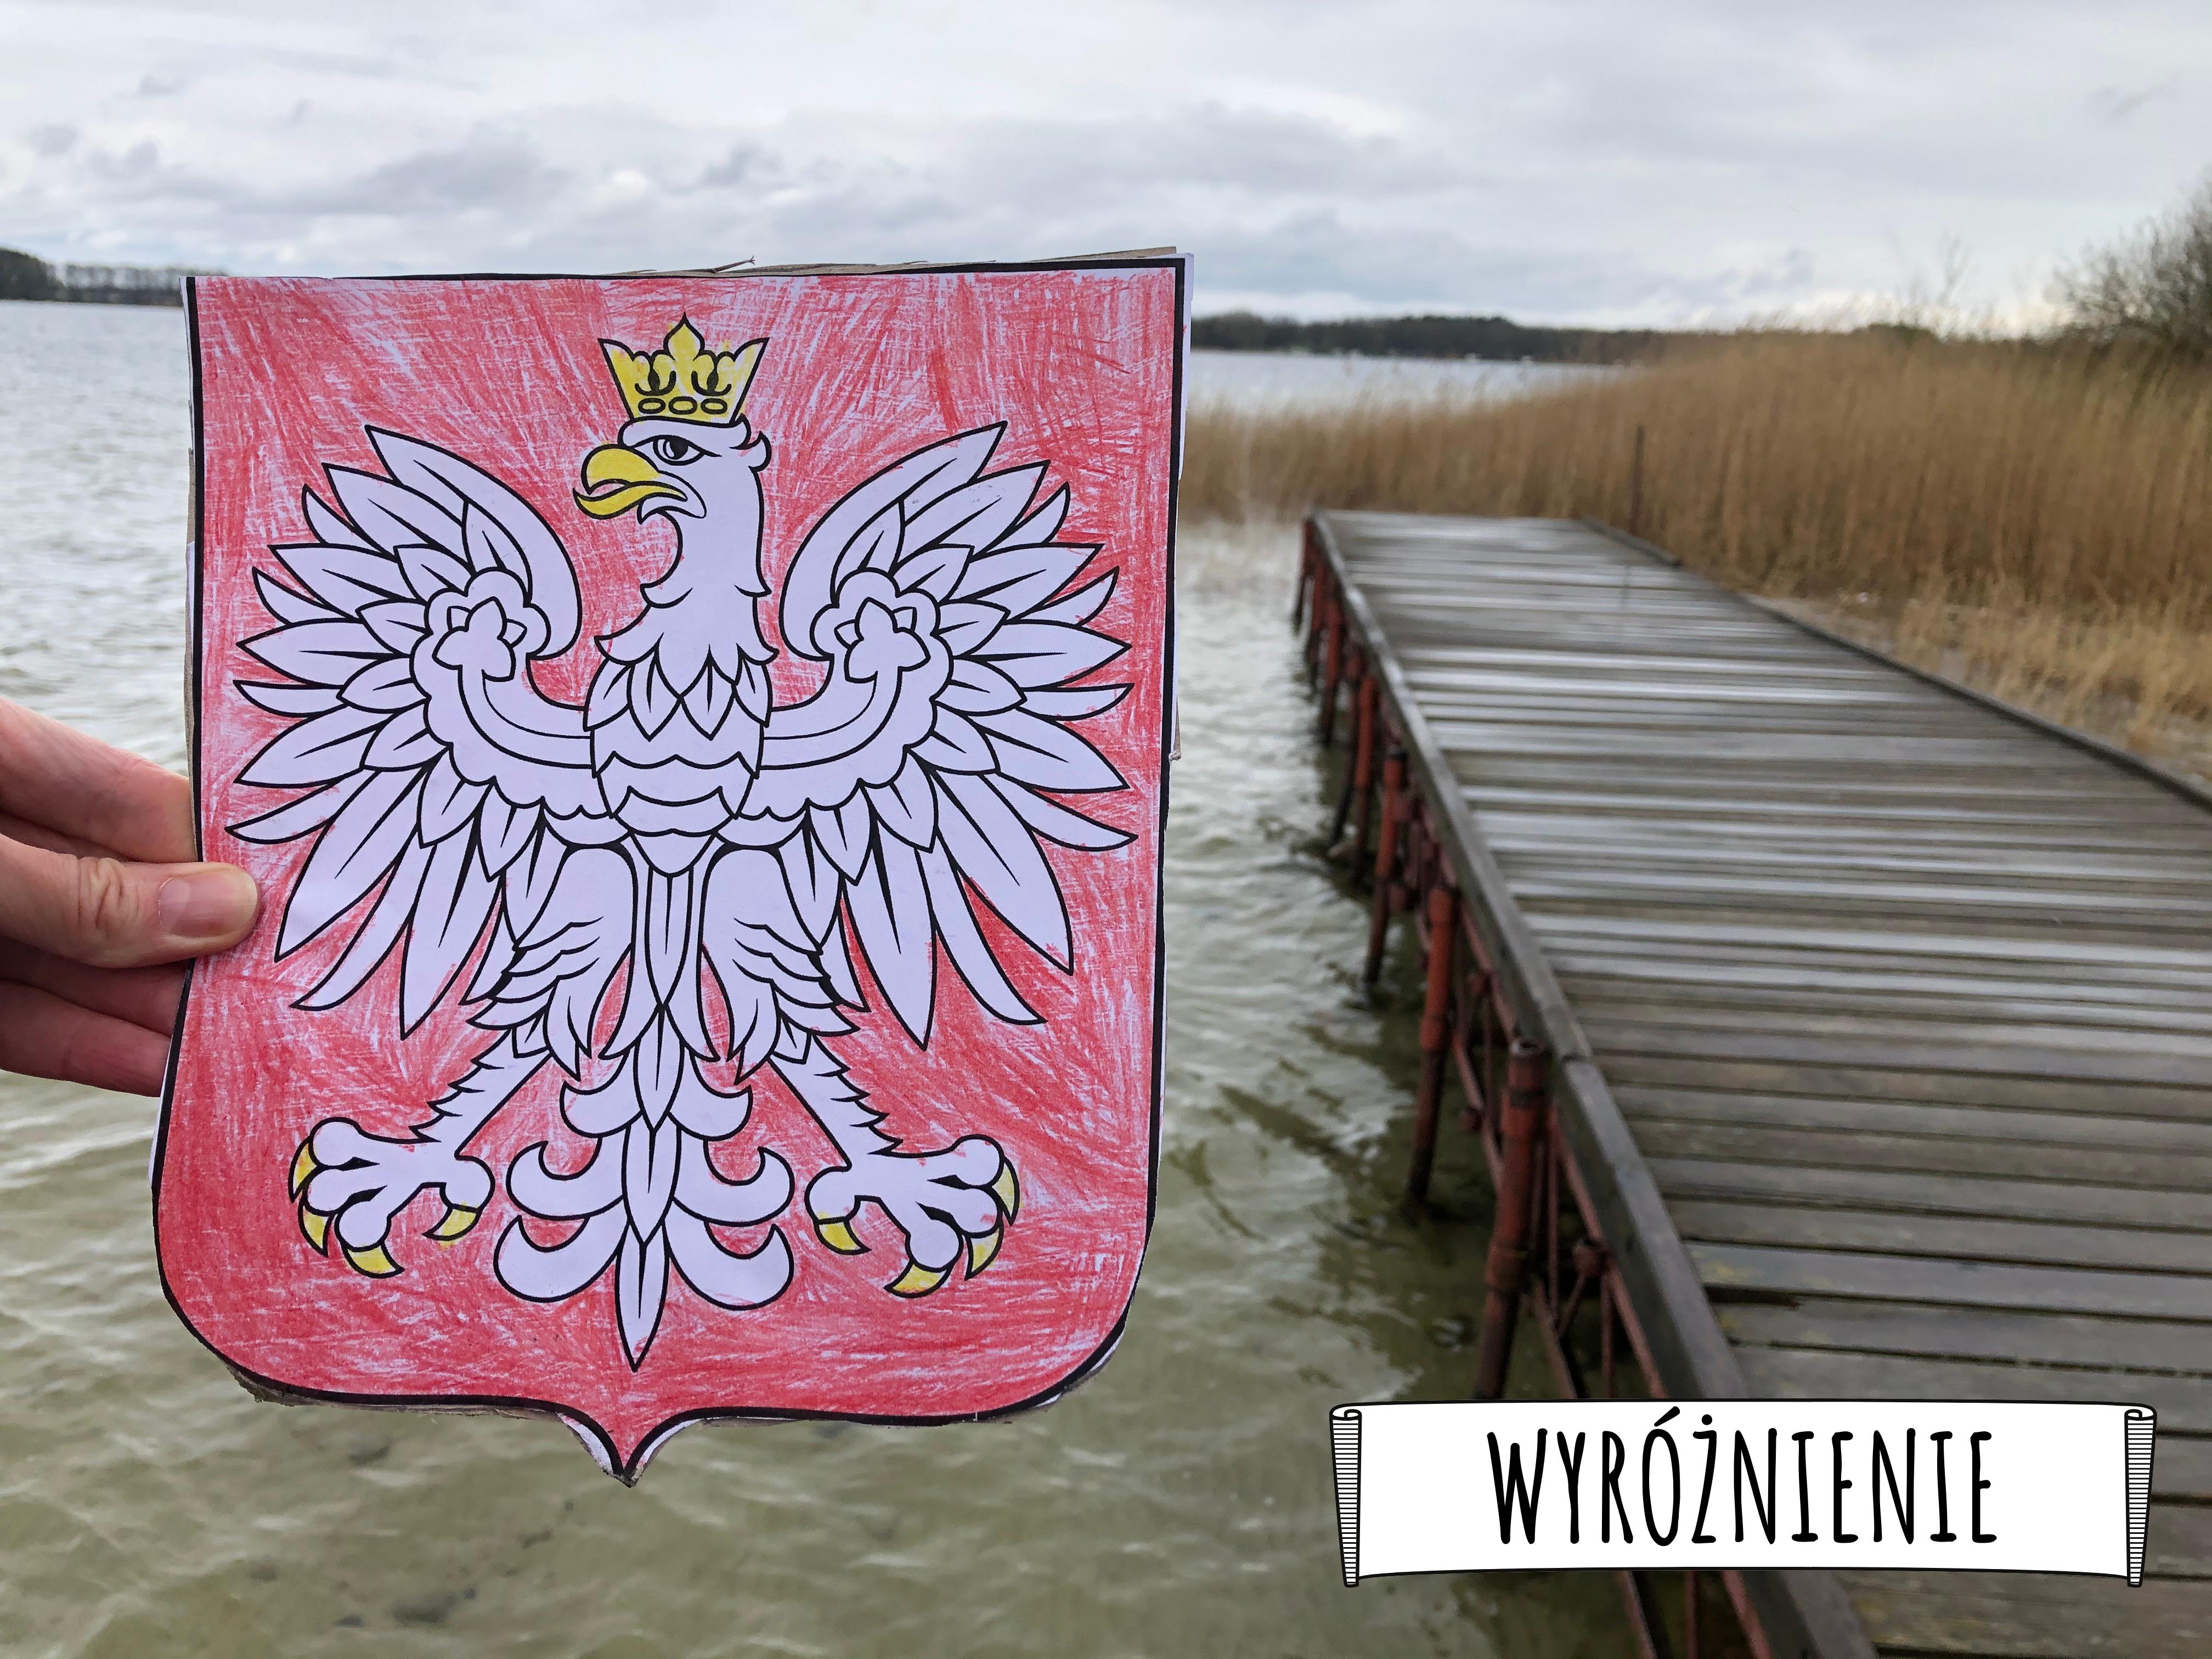 https://m.powiatszczycienski.pl/2021/06/orig/wyroznienie-1-40795.png